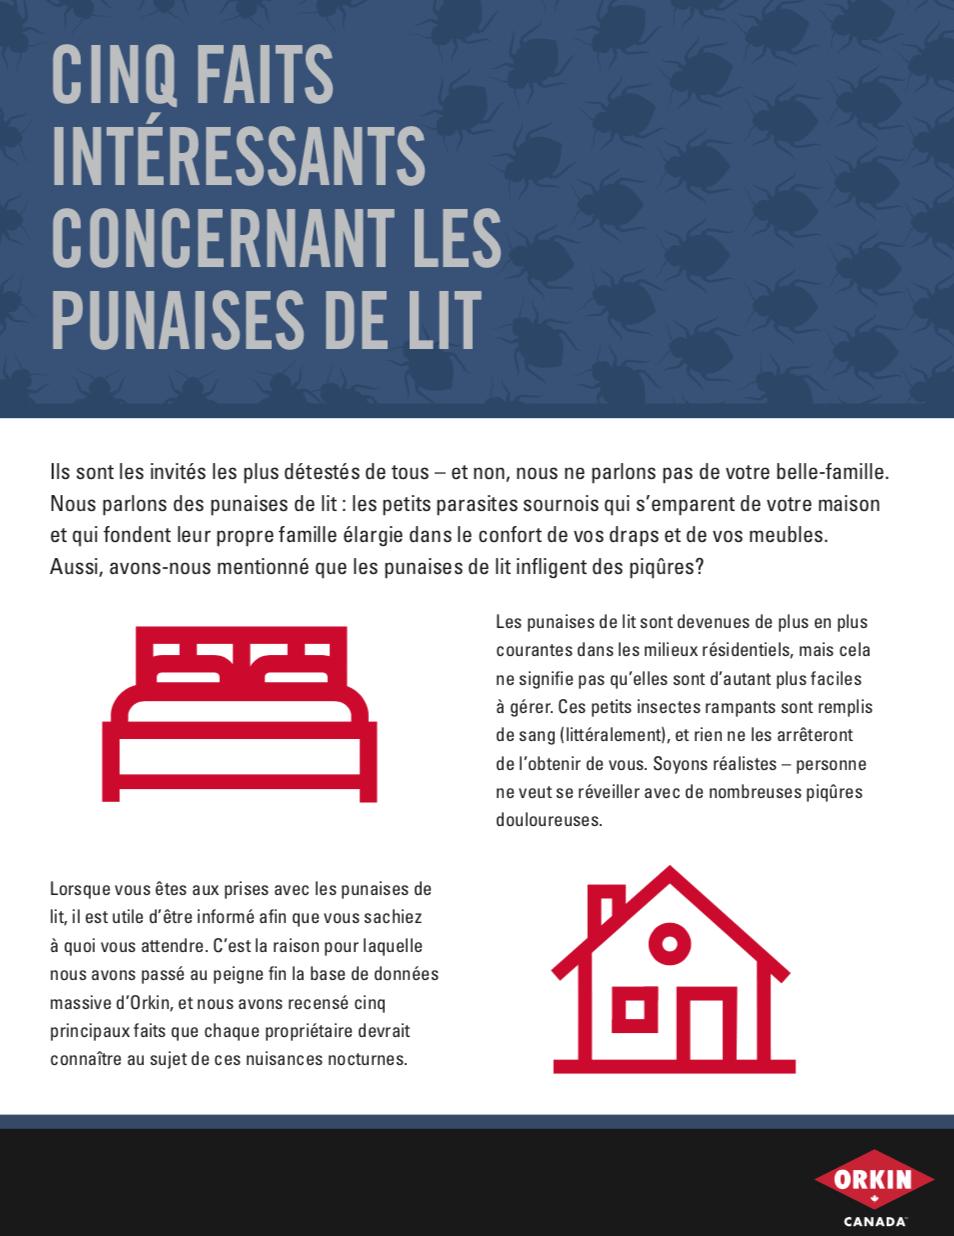 Cinq faits intéressants concernant les punaises de lit